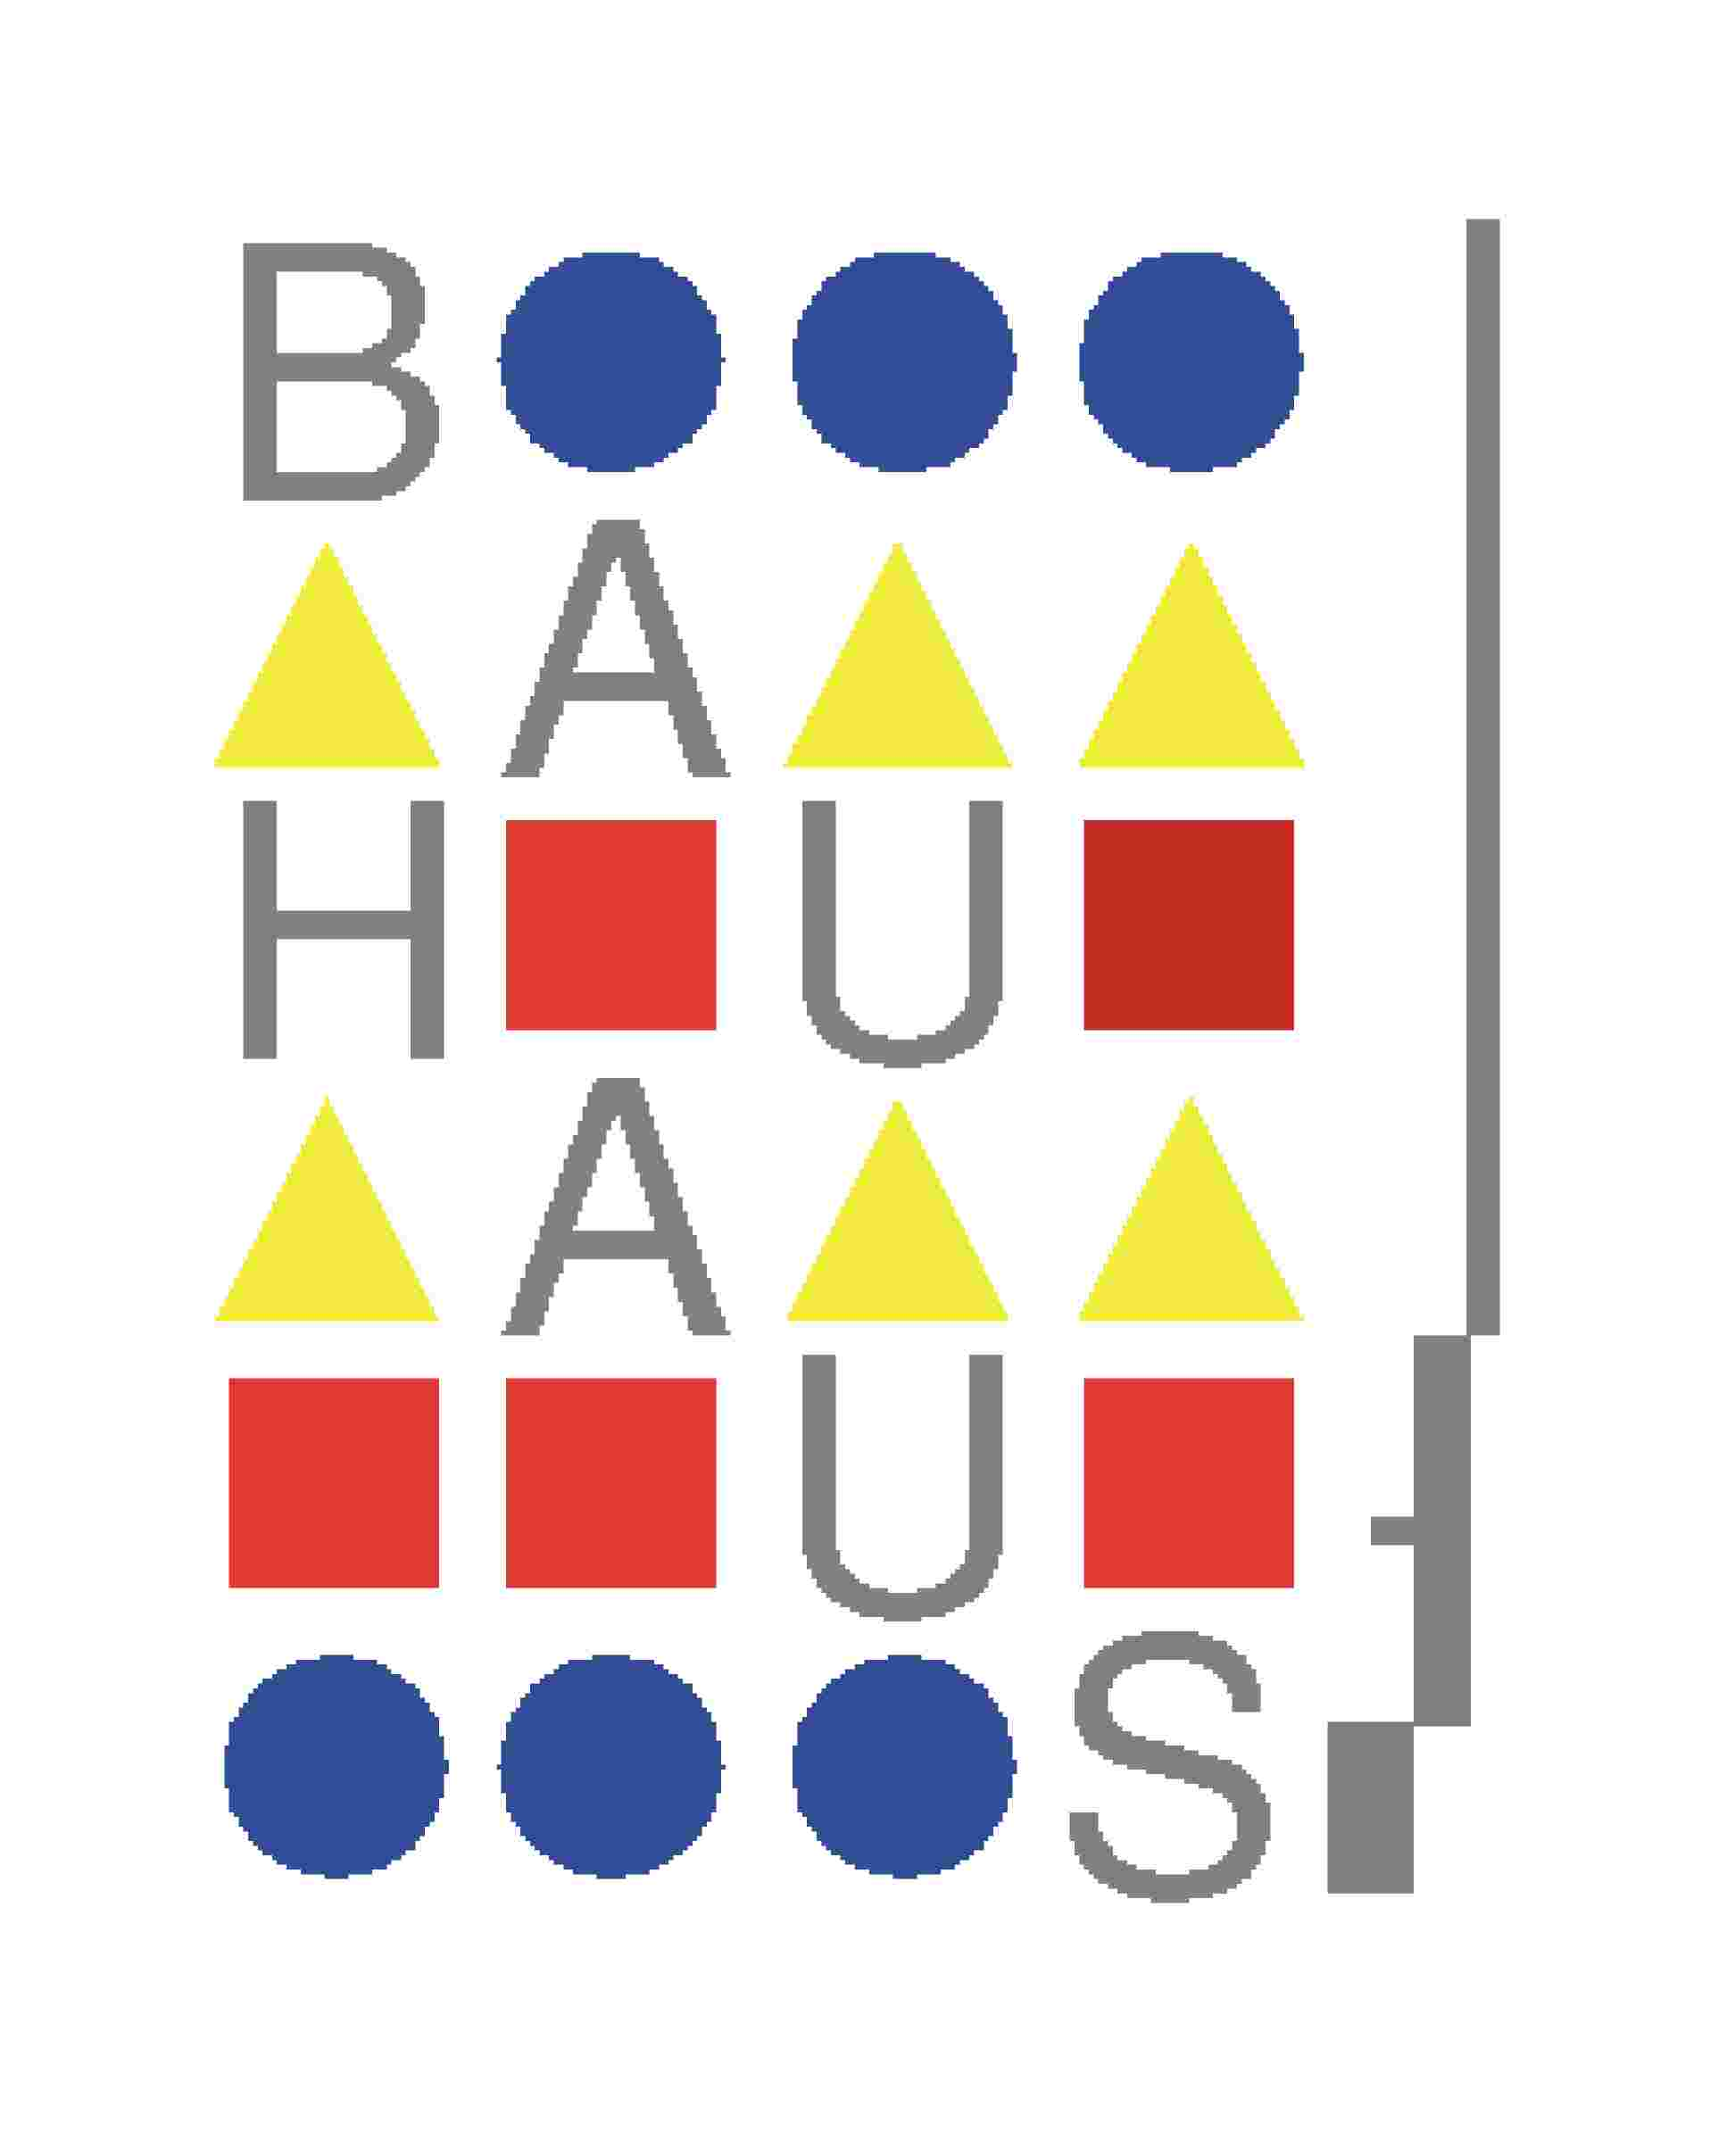 Weimar Bauhaus Graphic Design